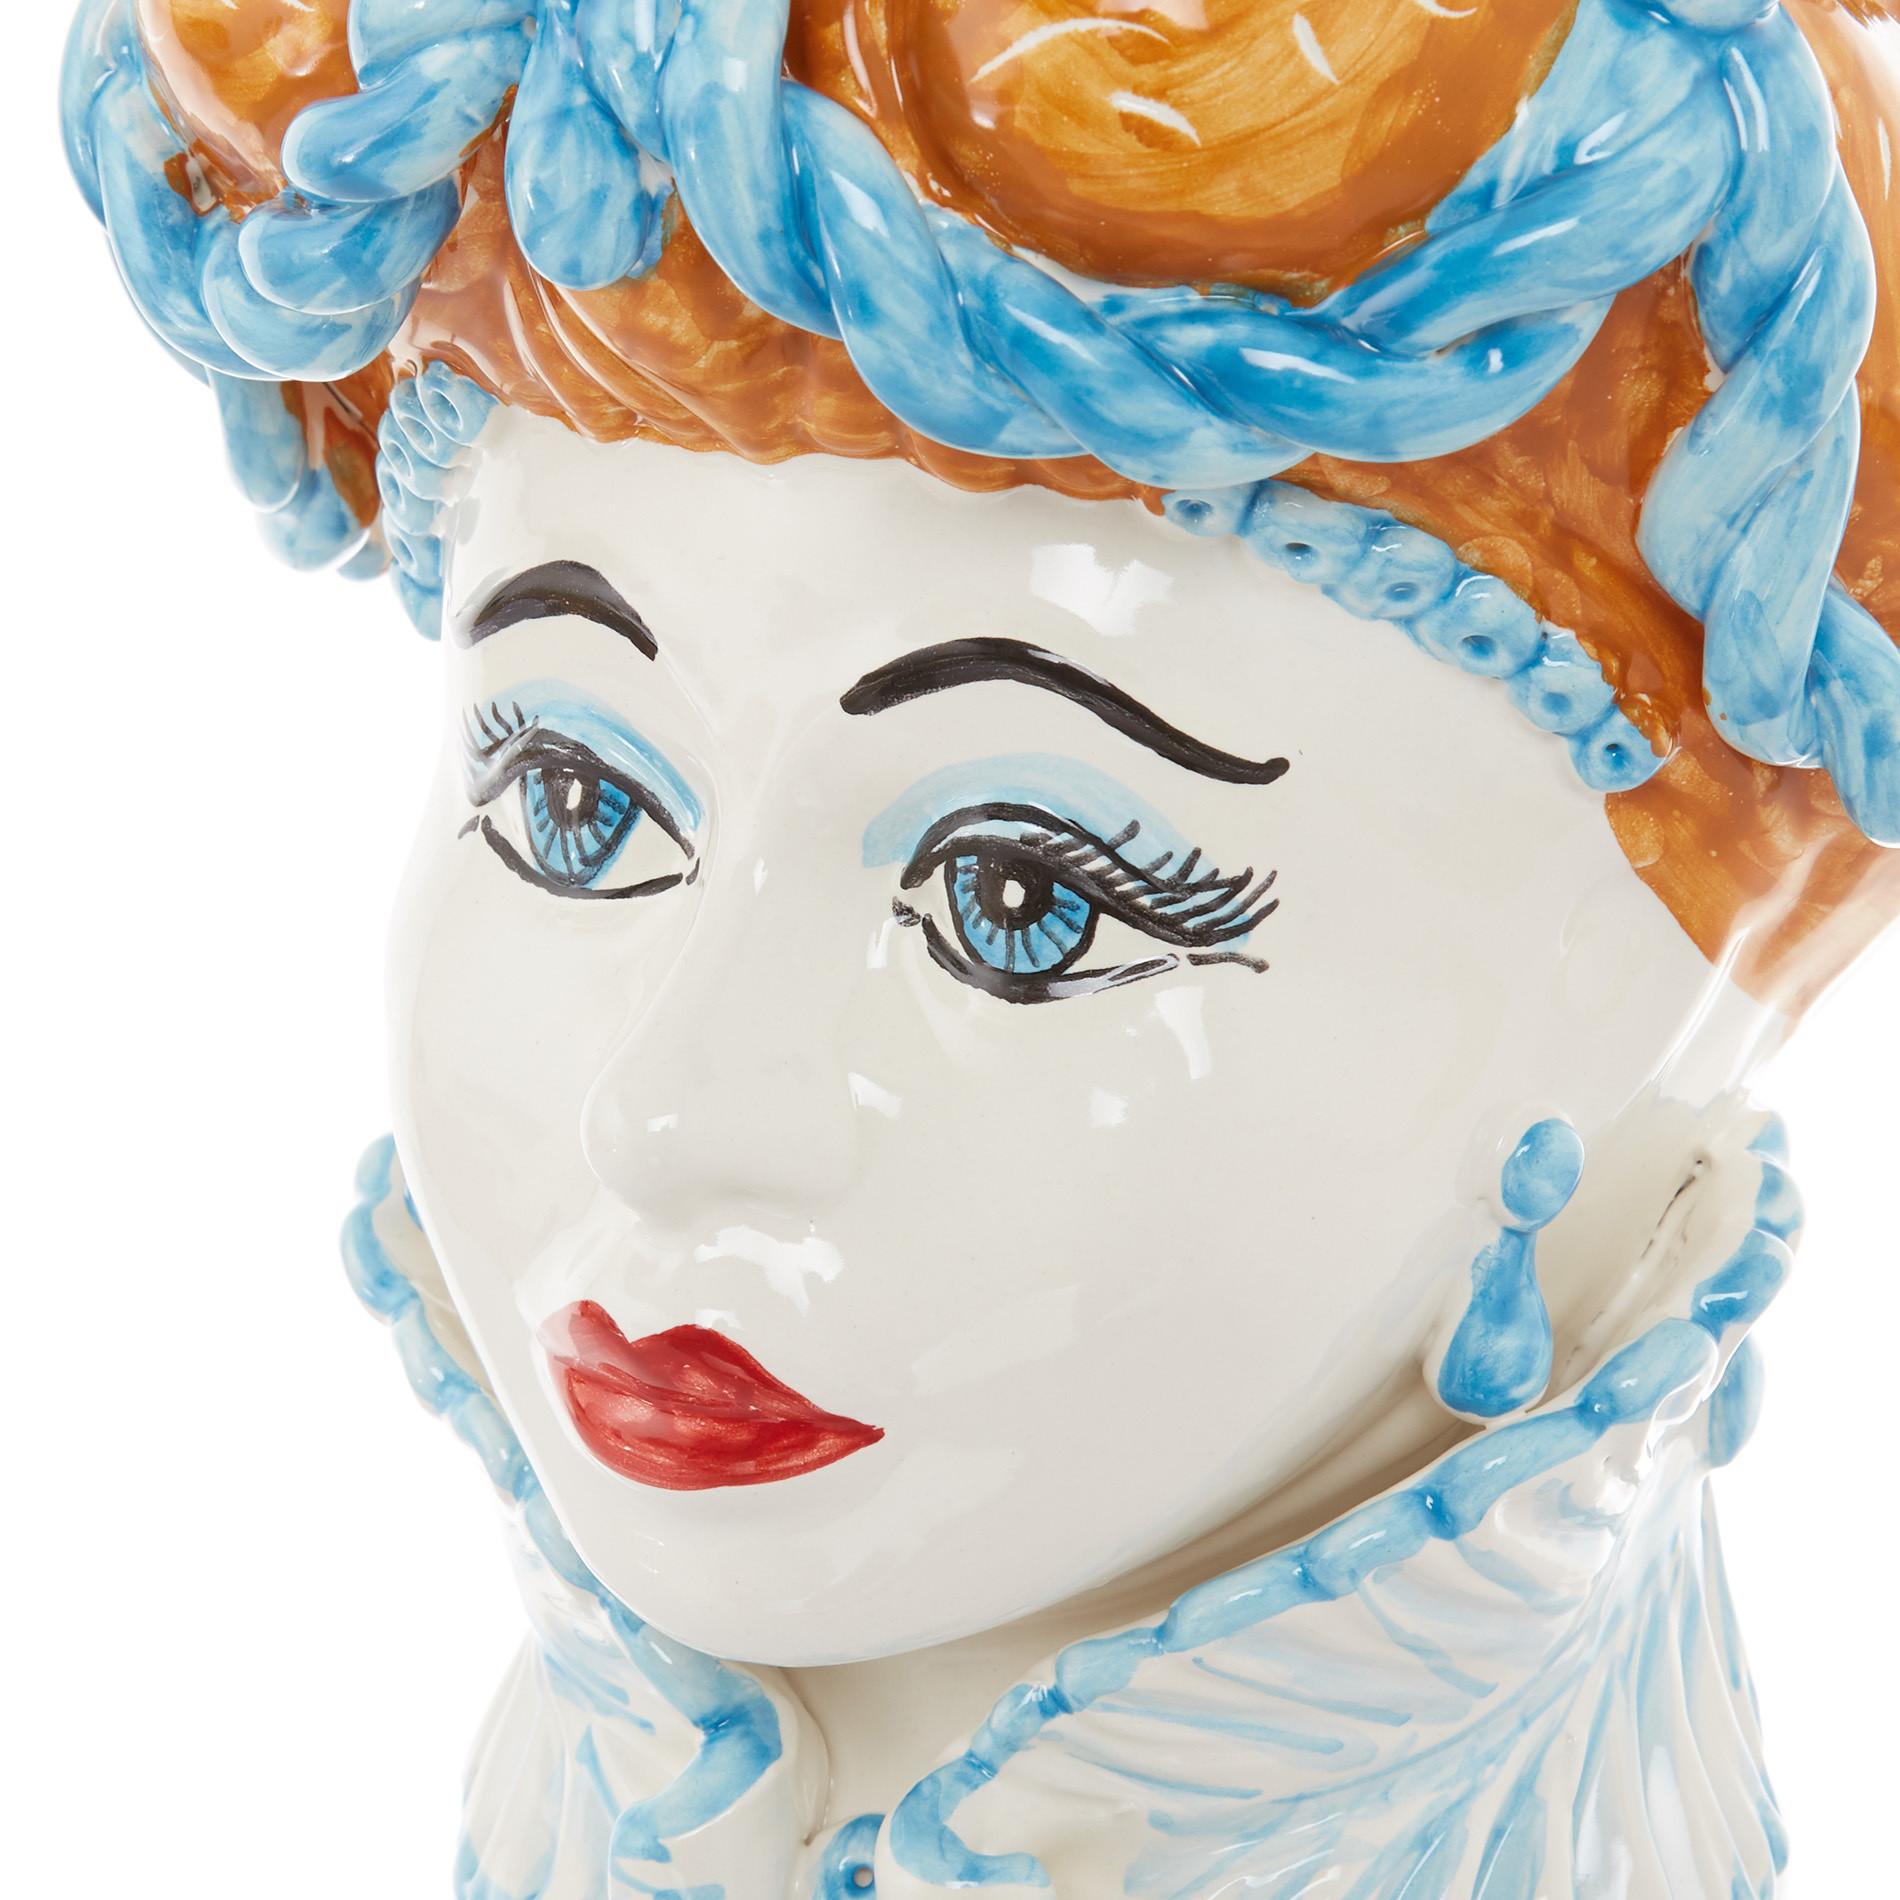 Testa di moro arabesque by Ceramiche Siciliane Ruggeri, Multicolor, large image number 1